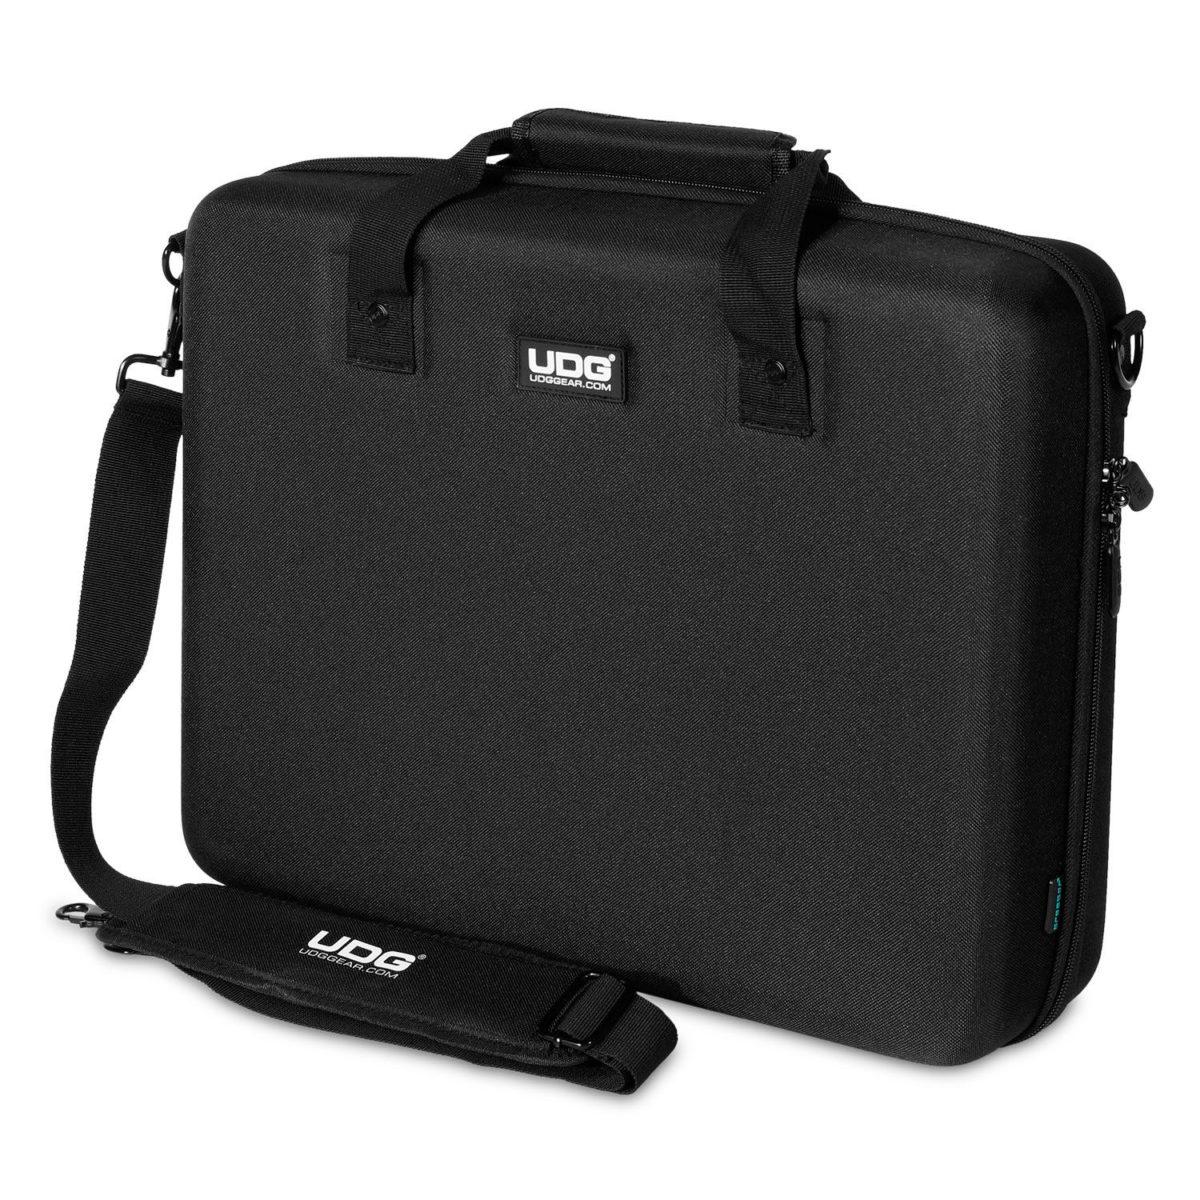 Bag UDG para Mixer DJM-S11 UDG U8474BL